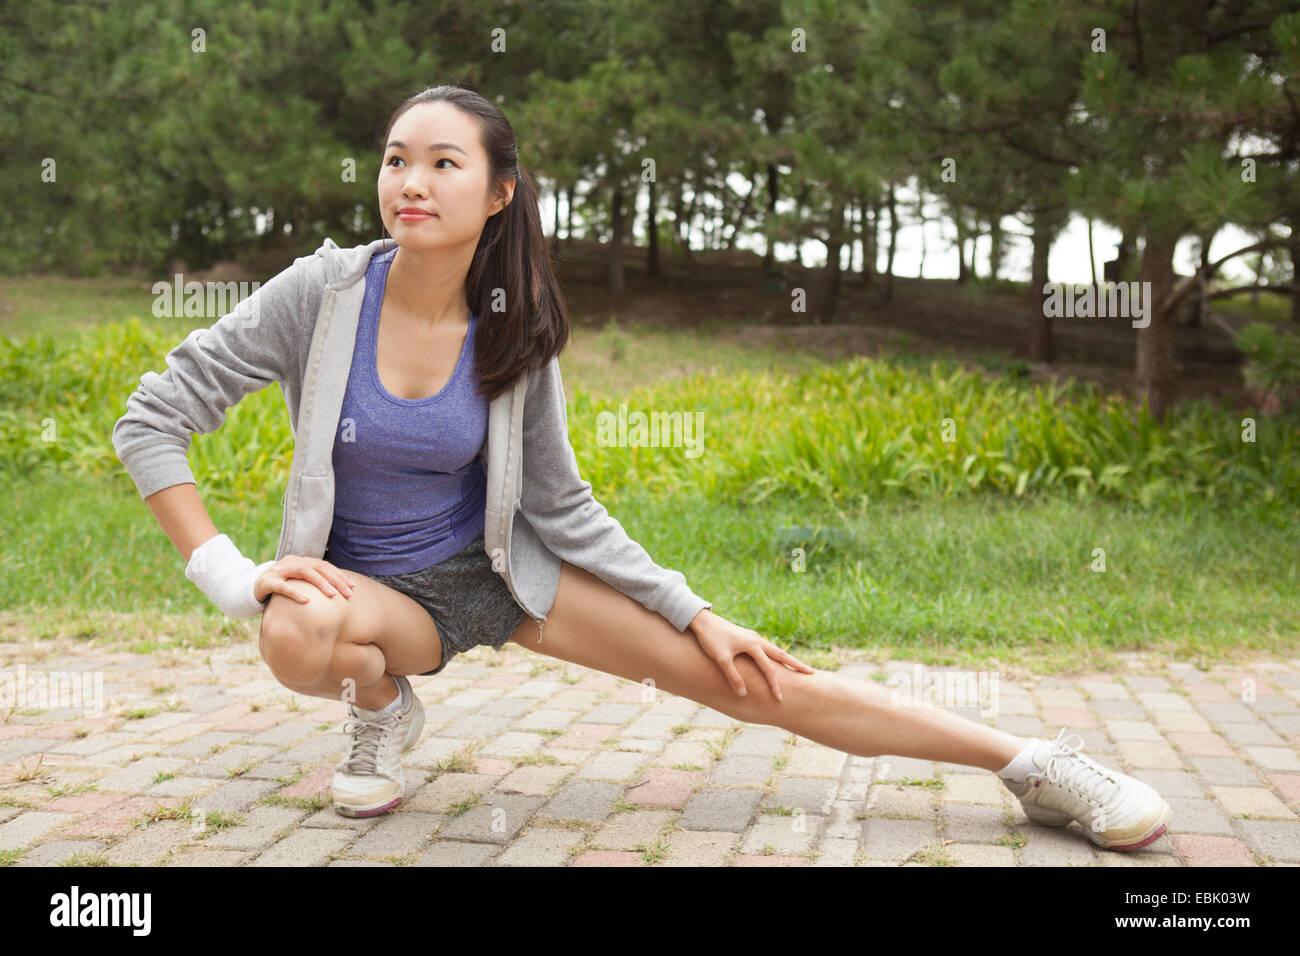 Los jóvenes corredoras estirar las piernas en la posición de estacionamiento Imagen De Stock